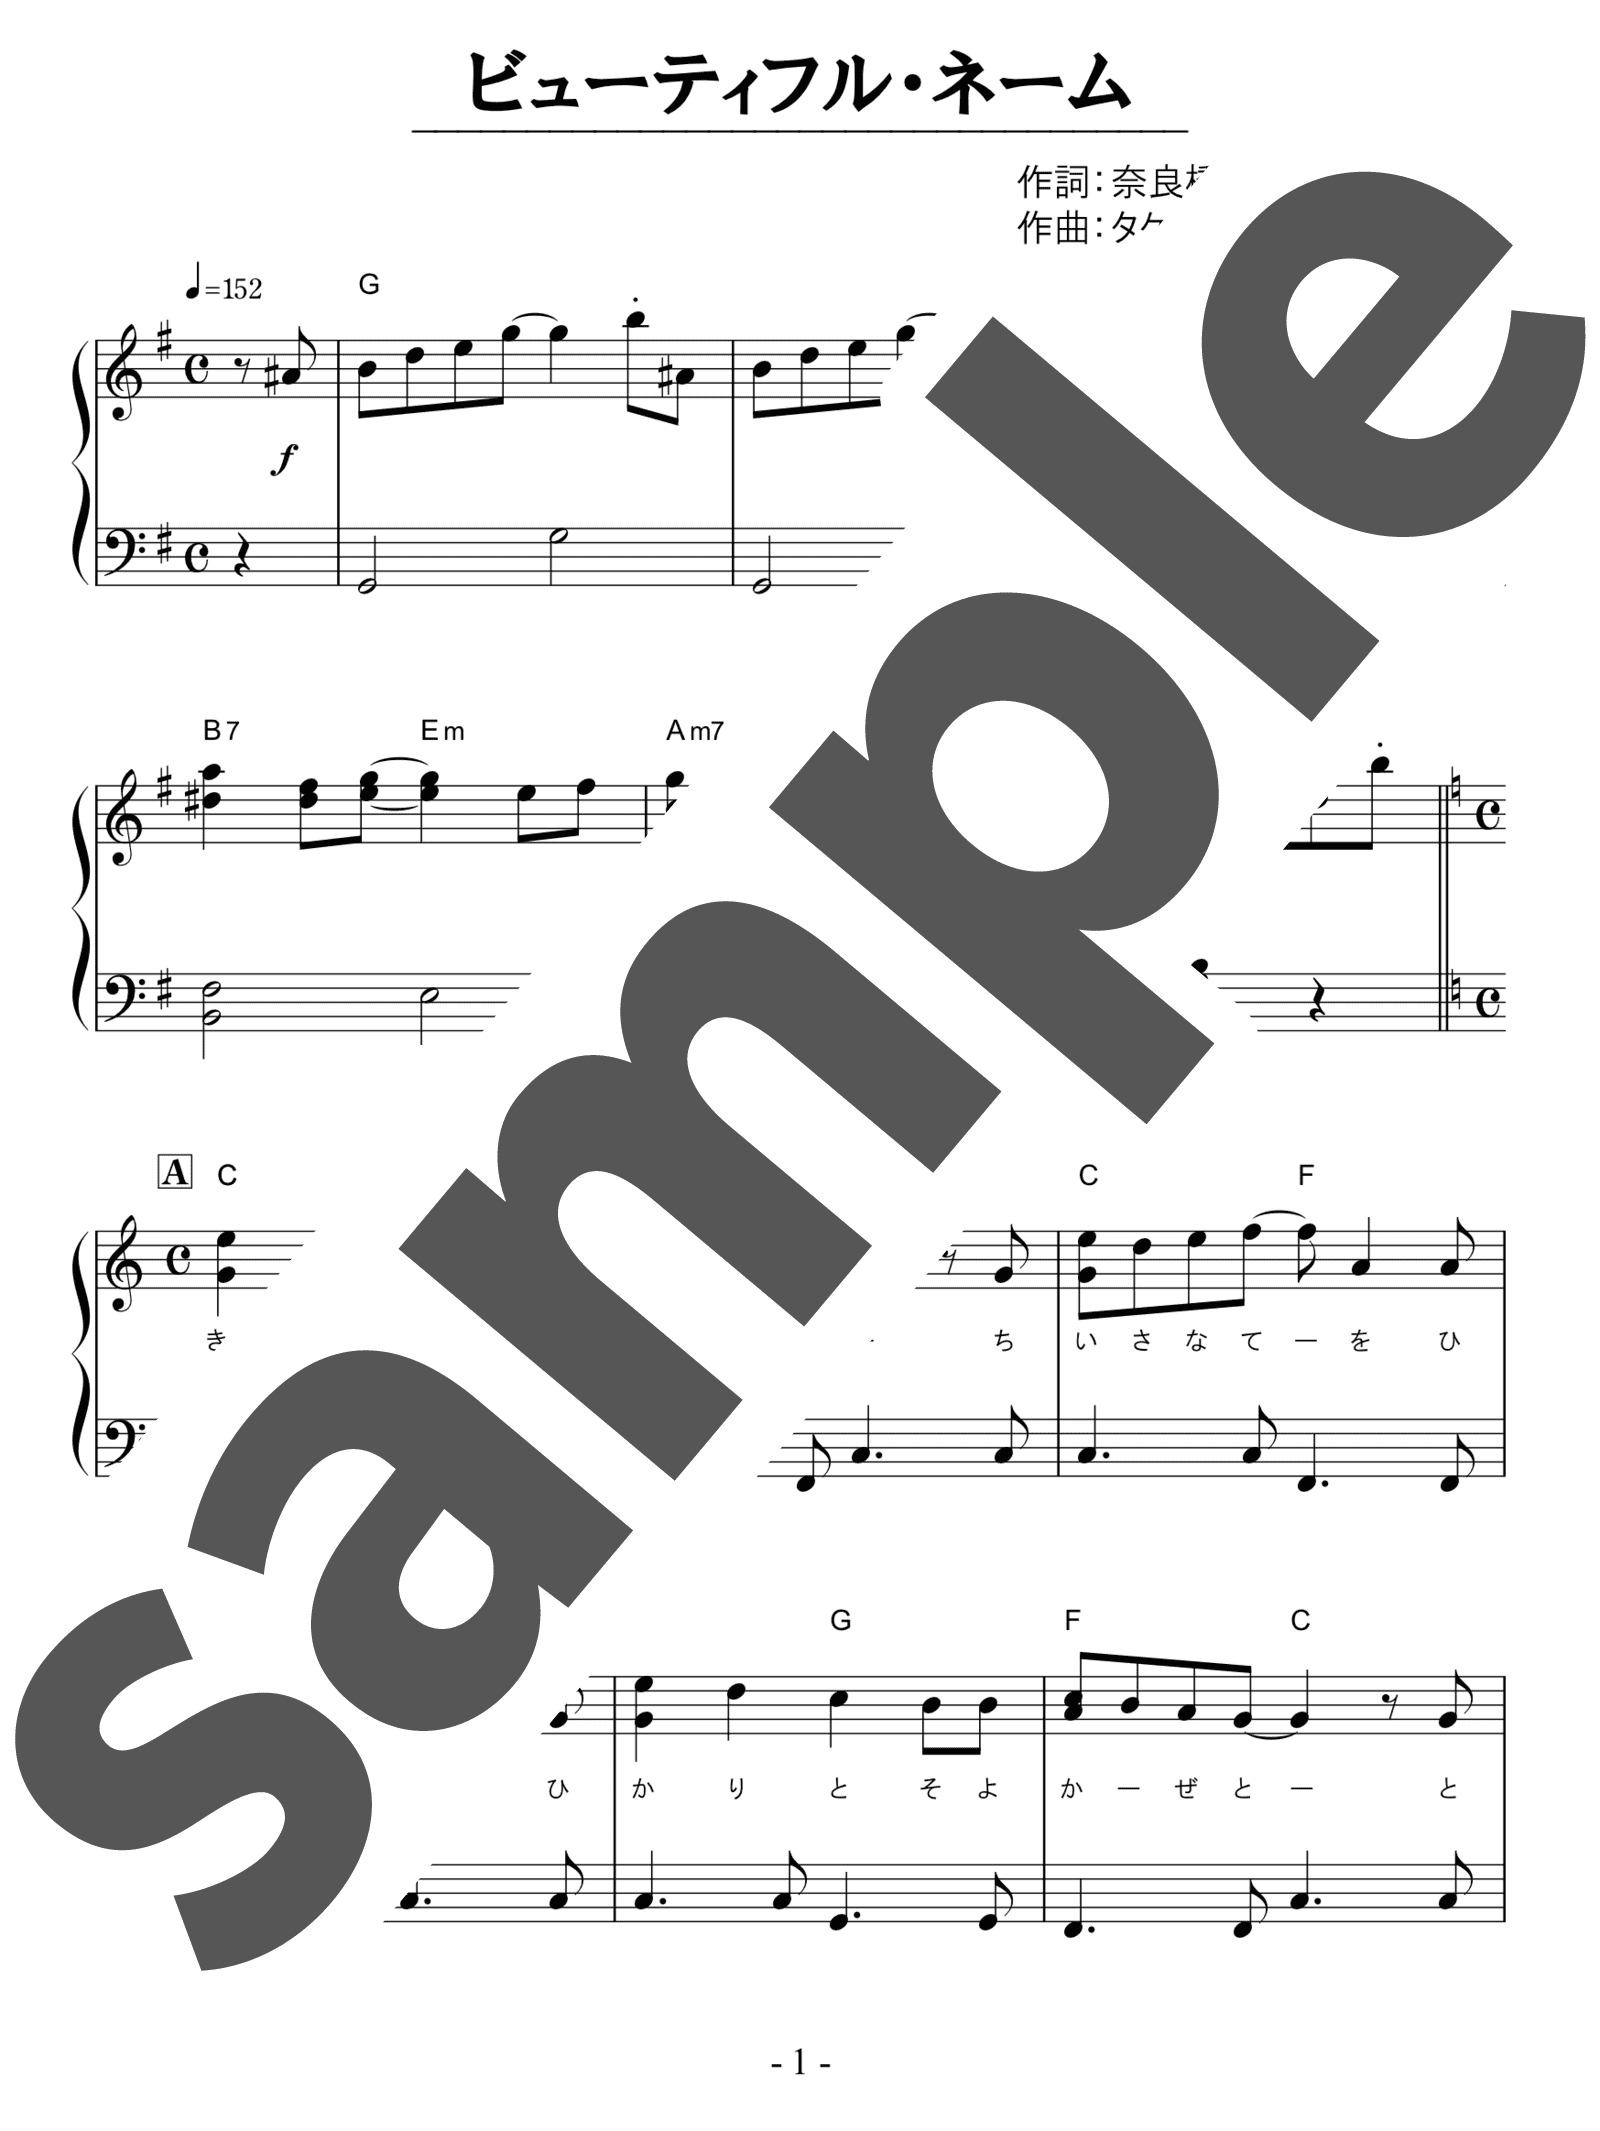 「ビューティフル・ネーム」のサンプル楽譜